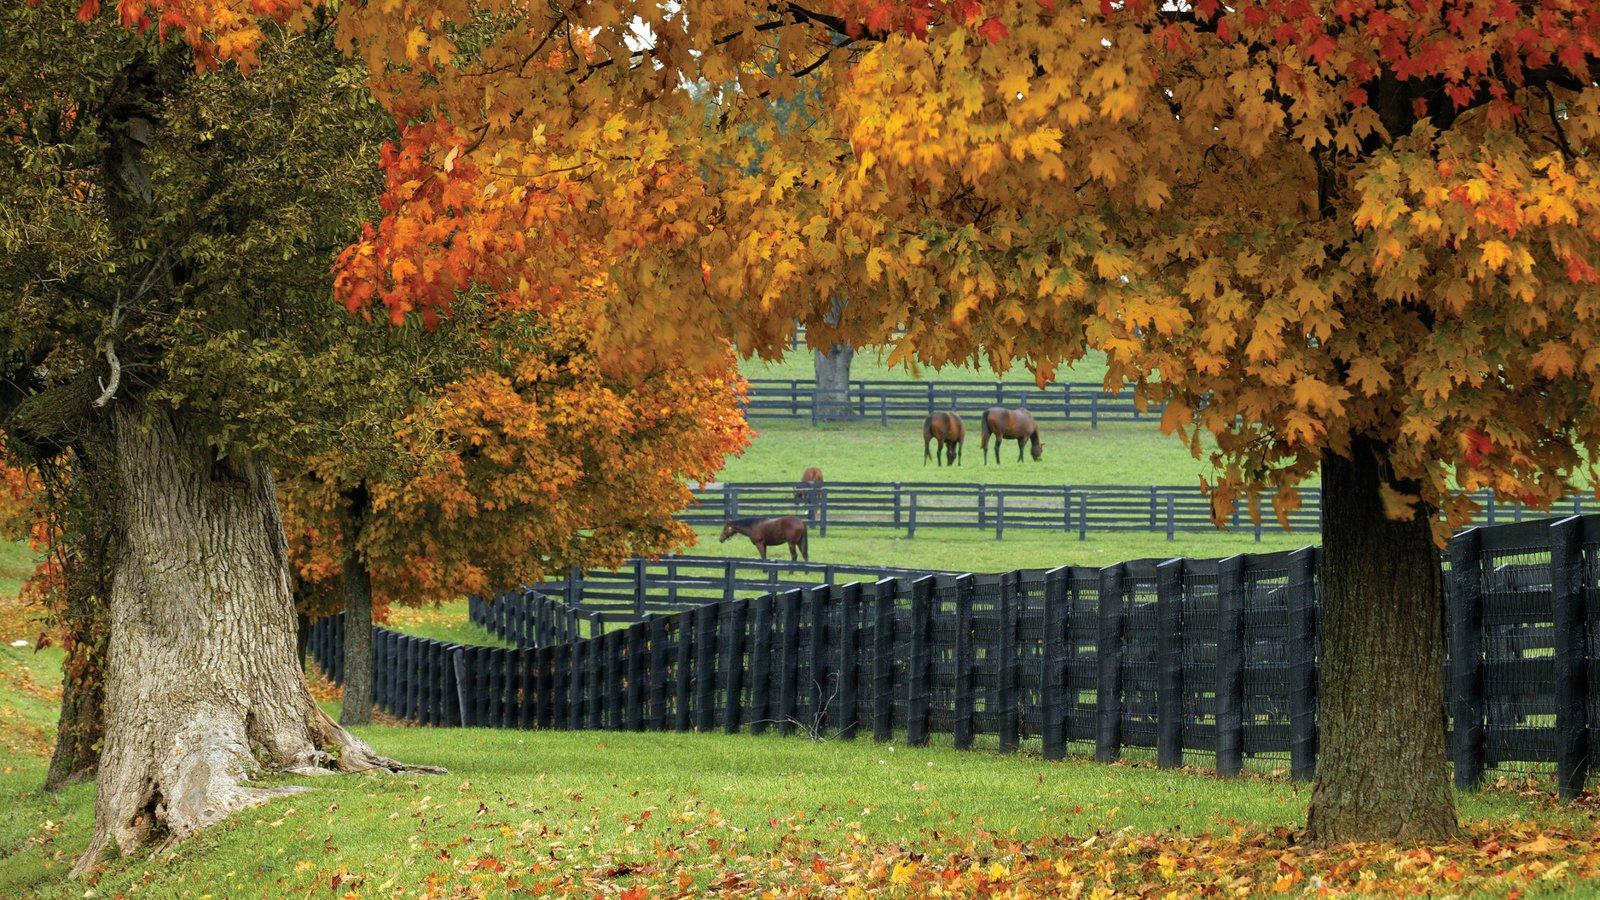 Lexington caracterizando fazenda, cores do outono e animais terrestres